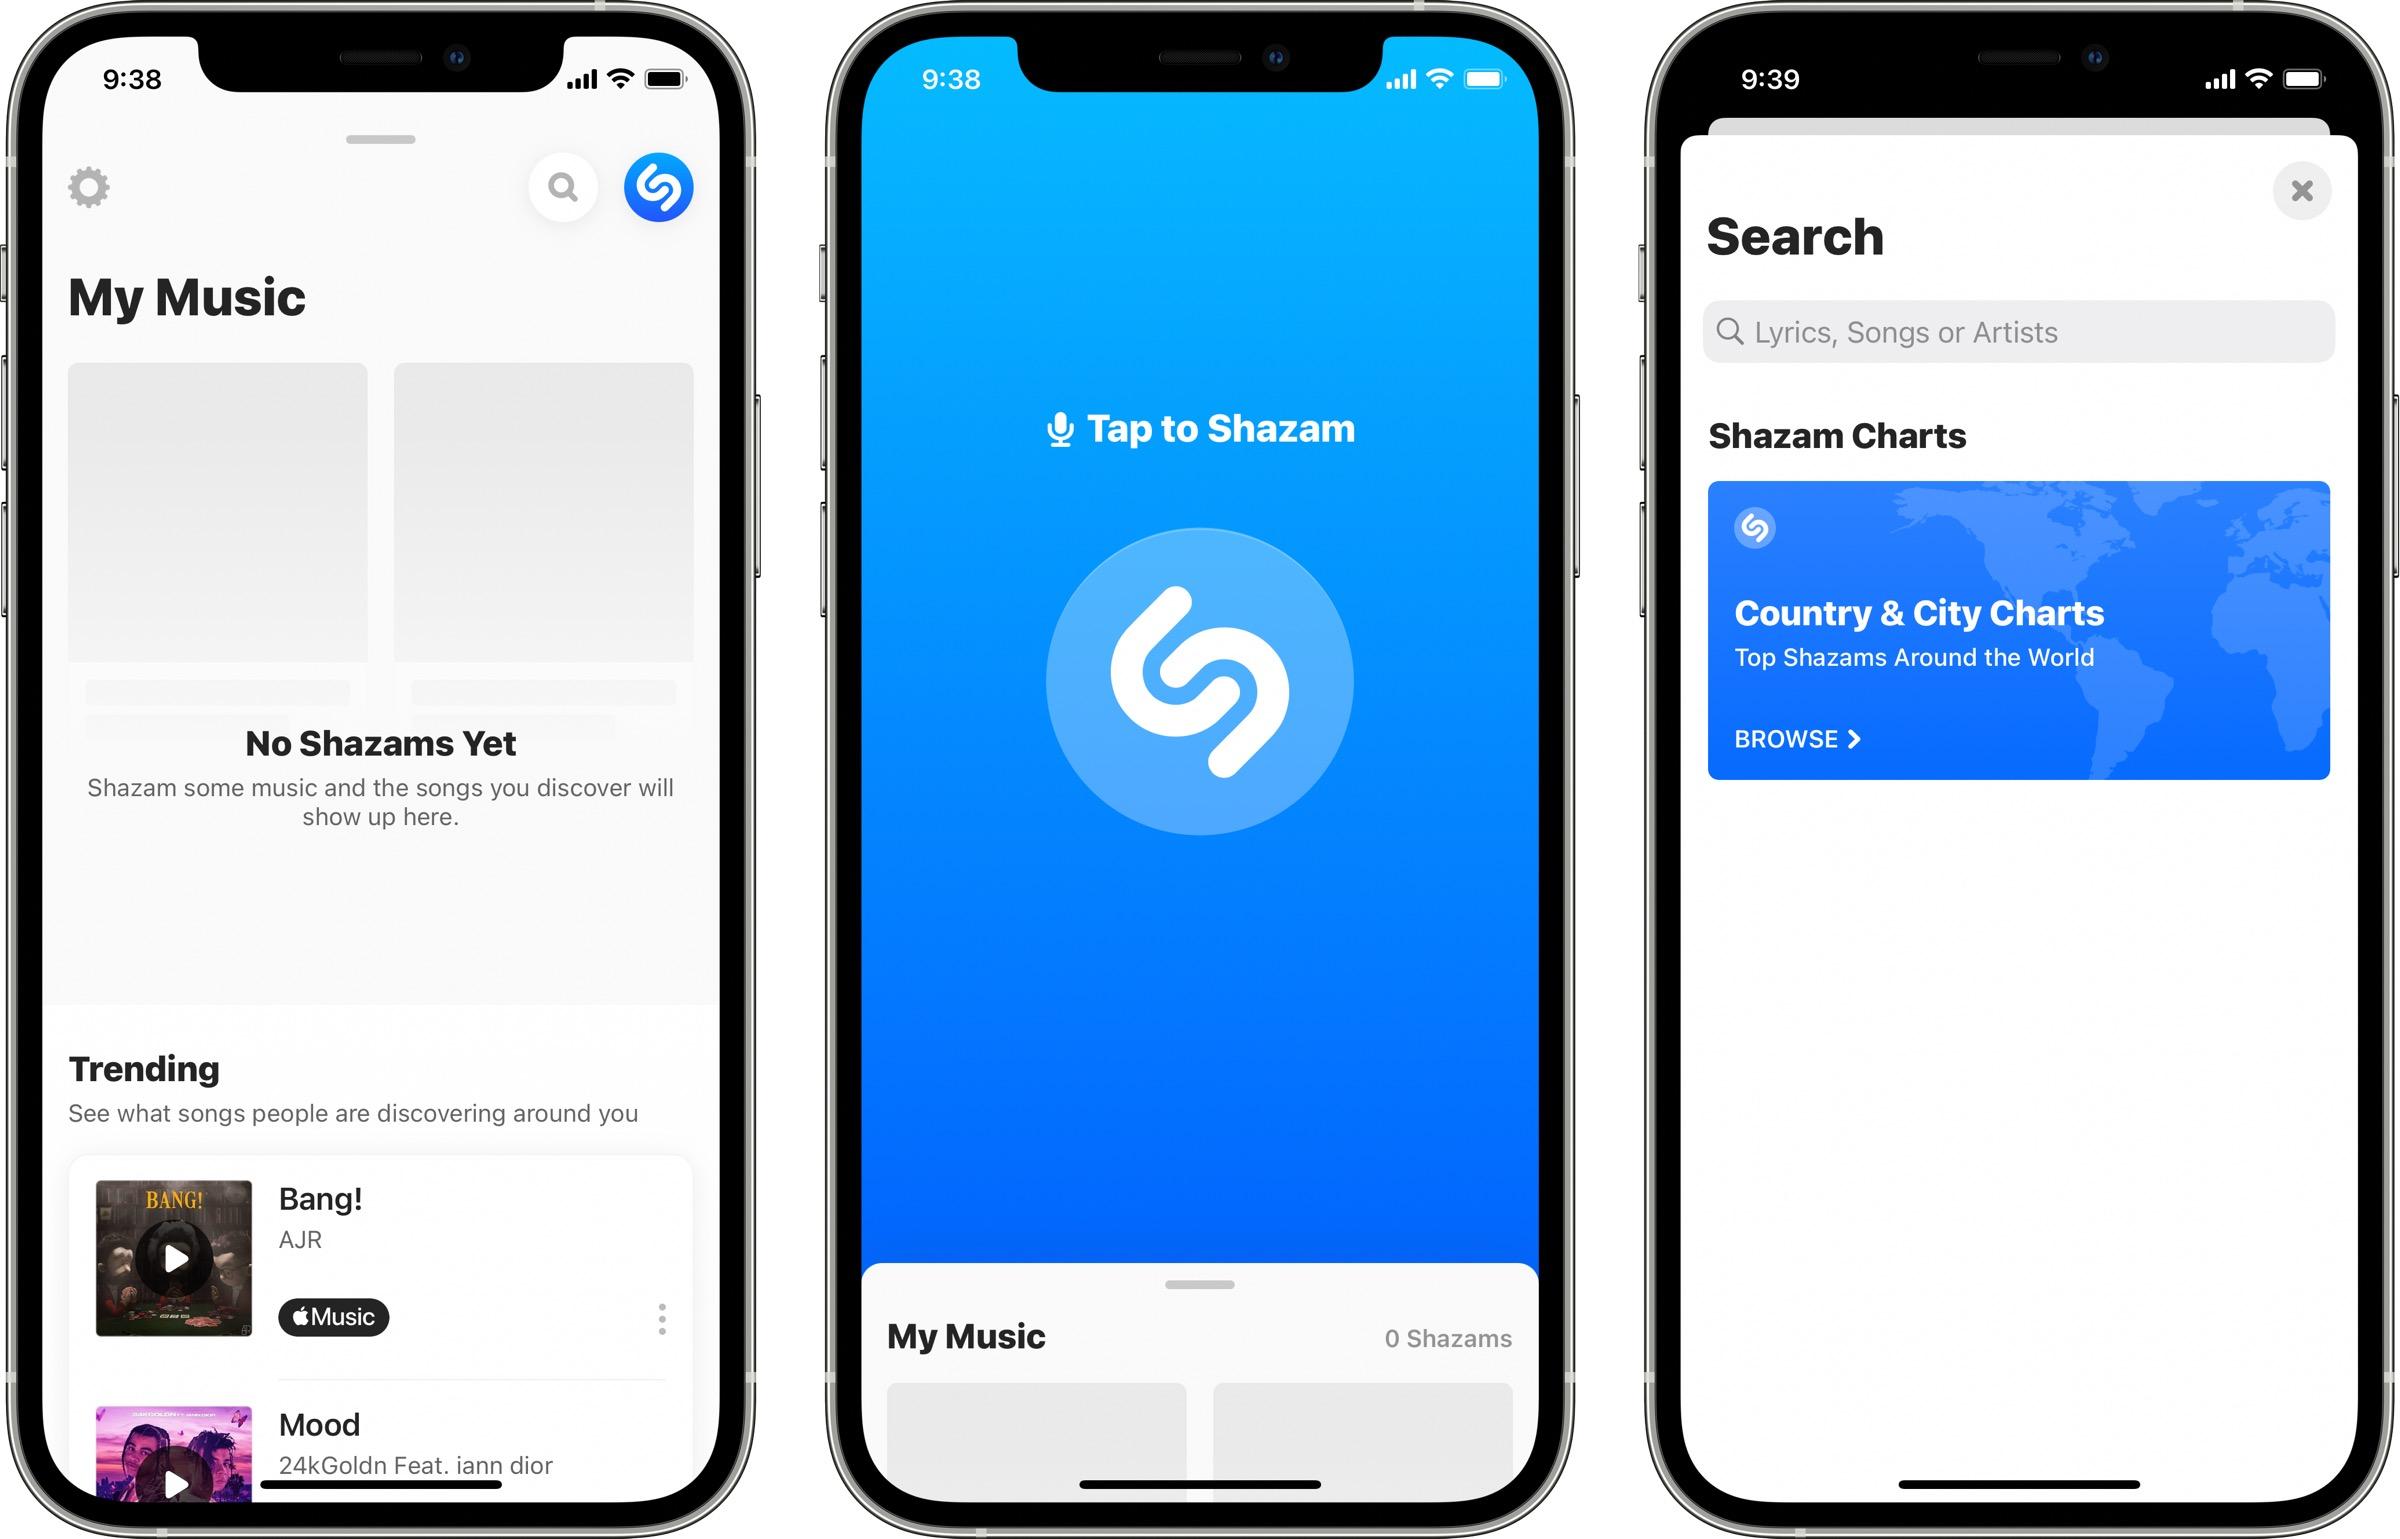 New Shazam interface